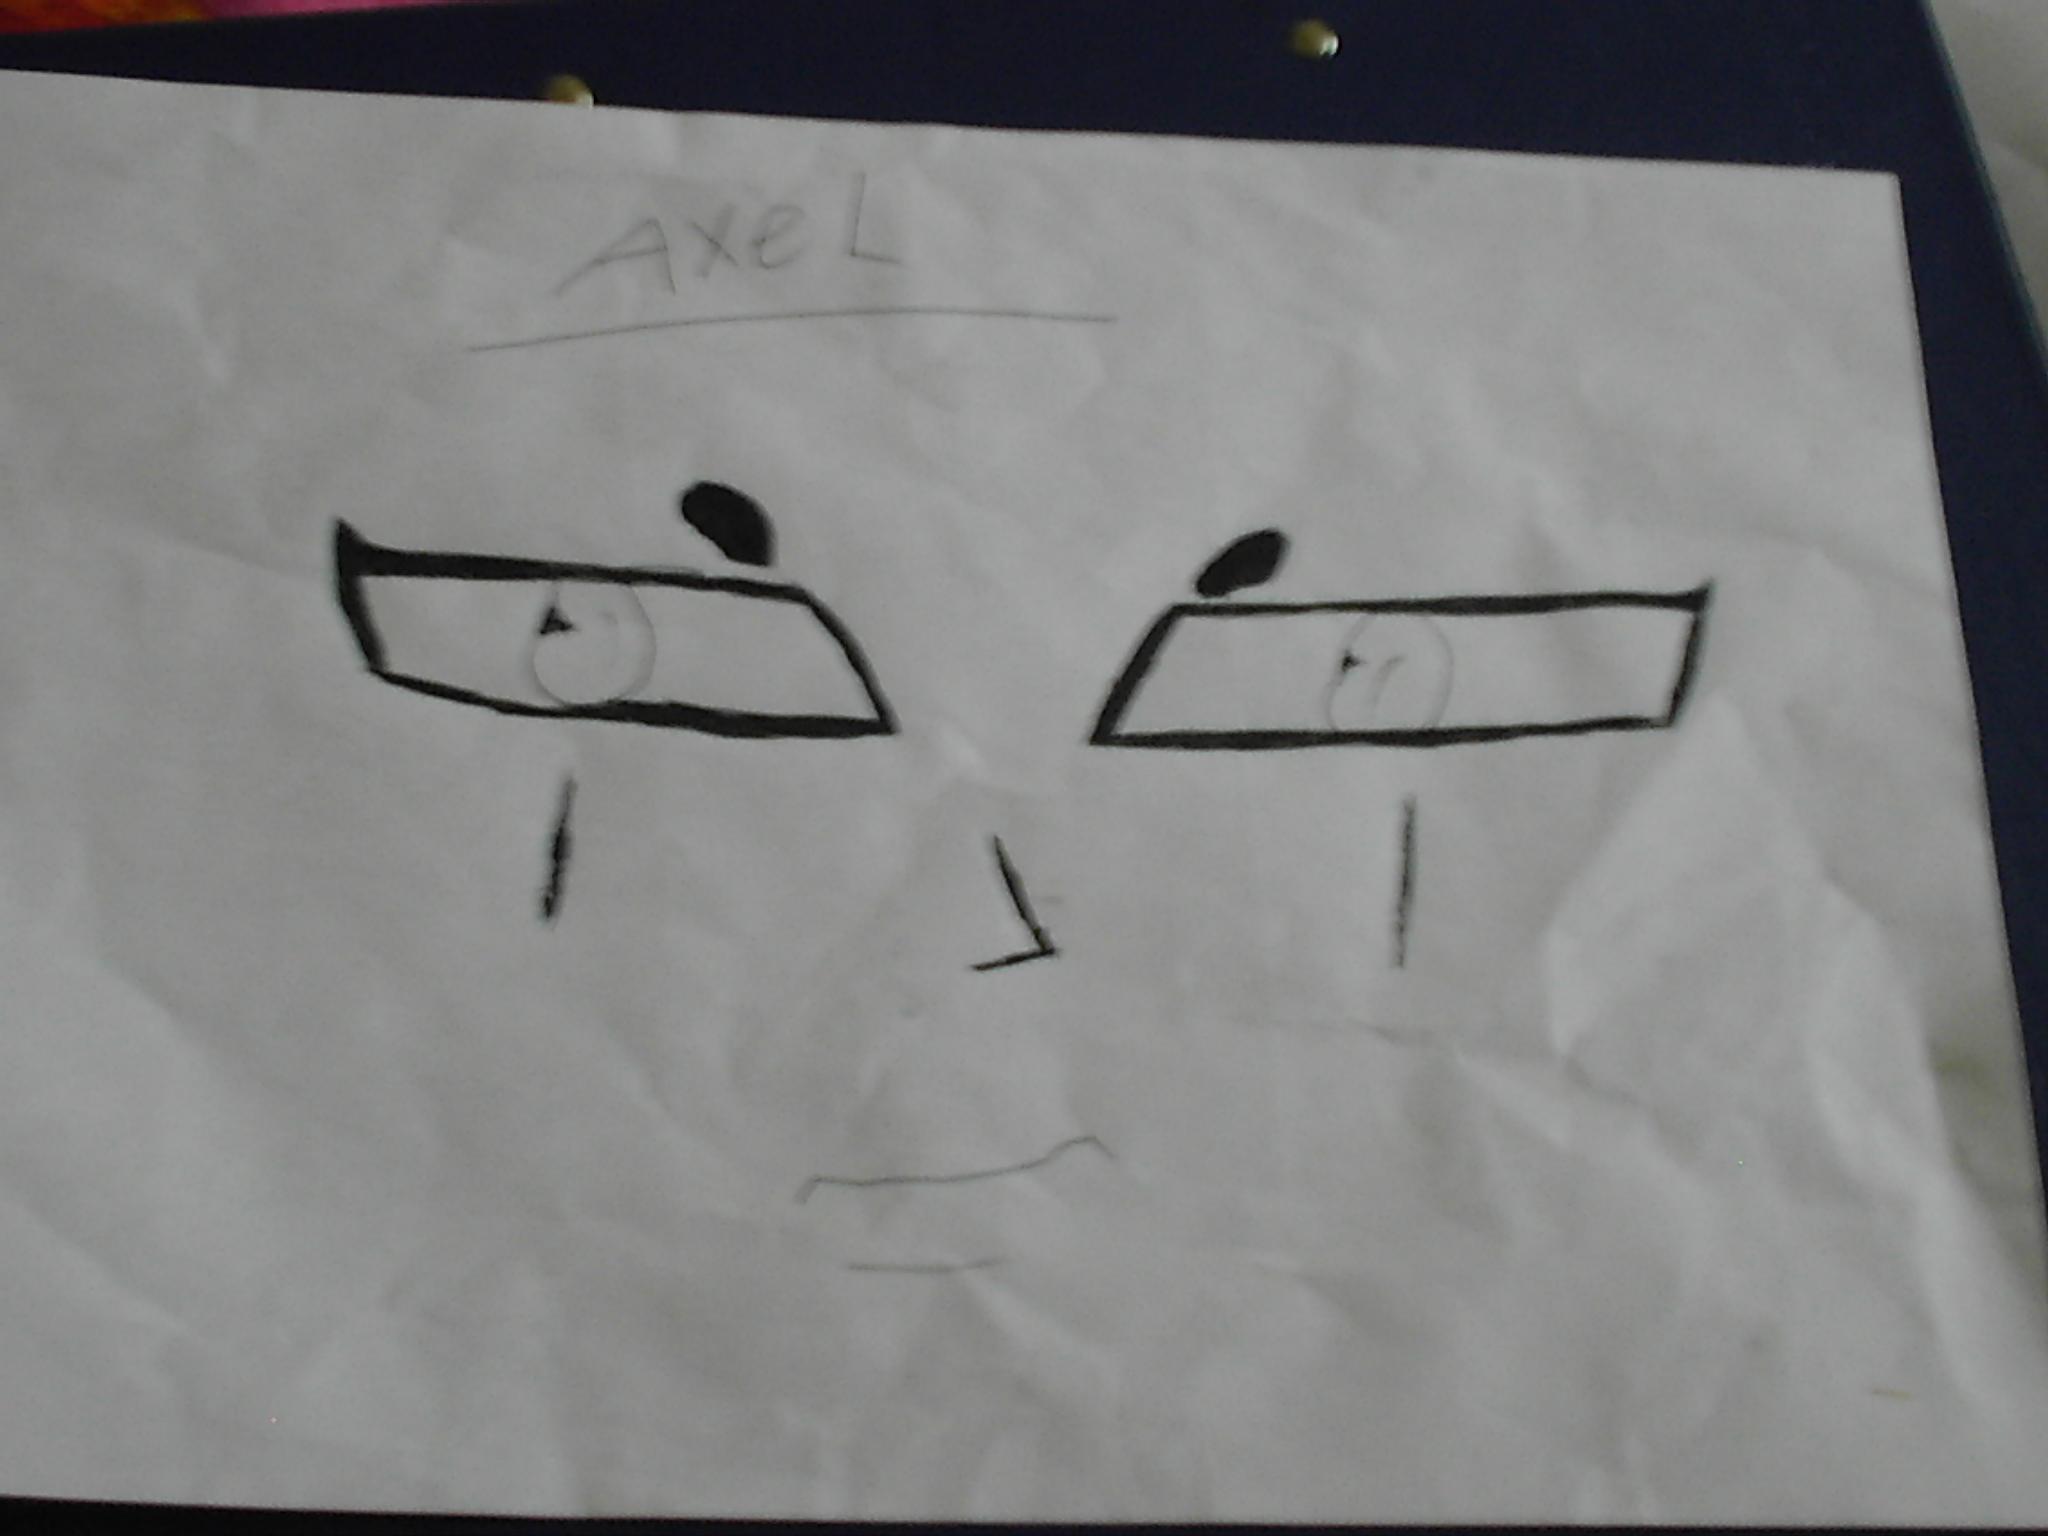 axel face by kyoheartsyuki